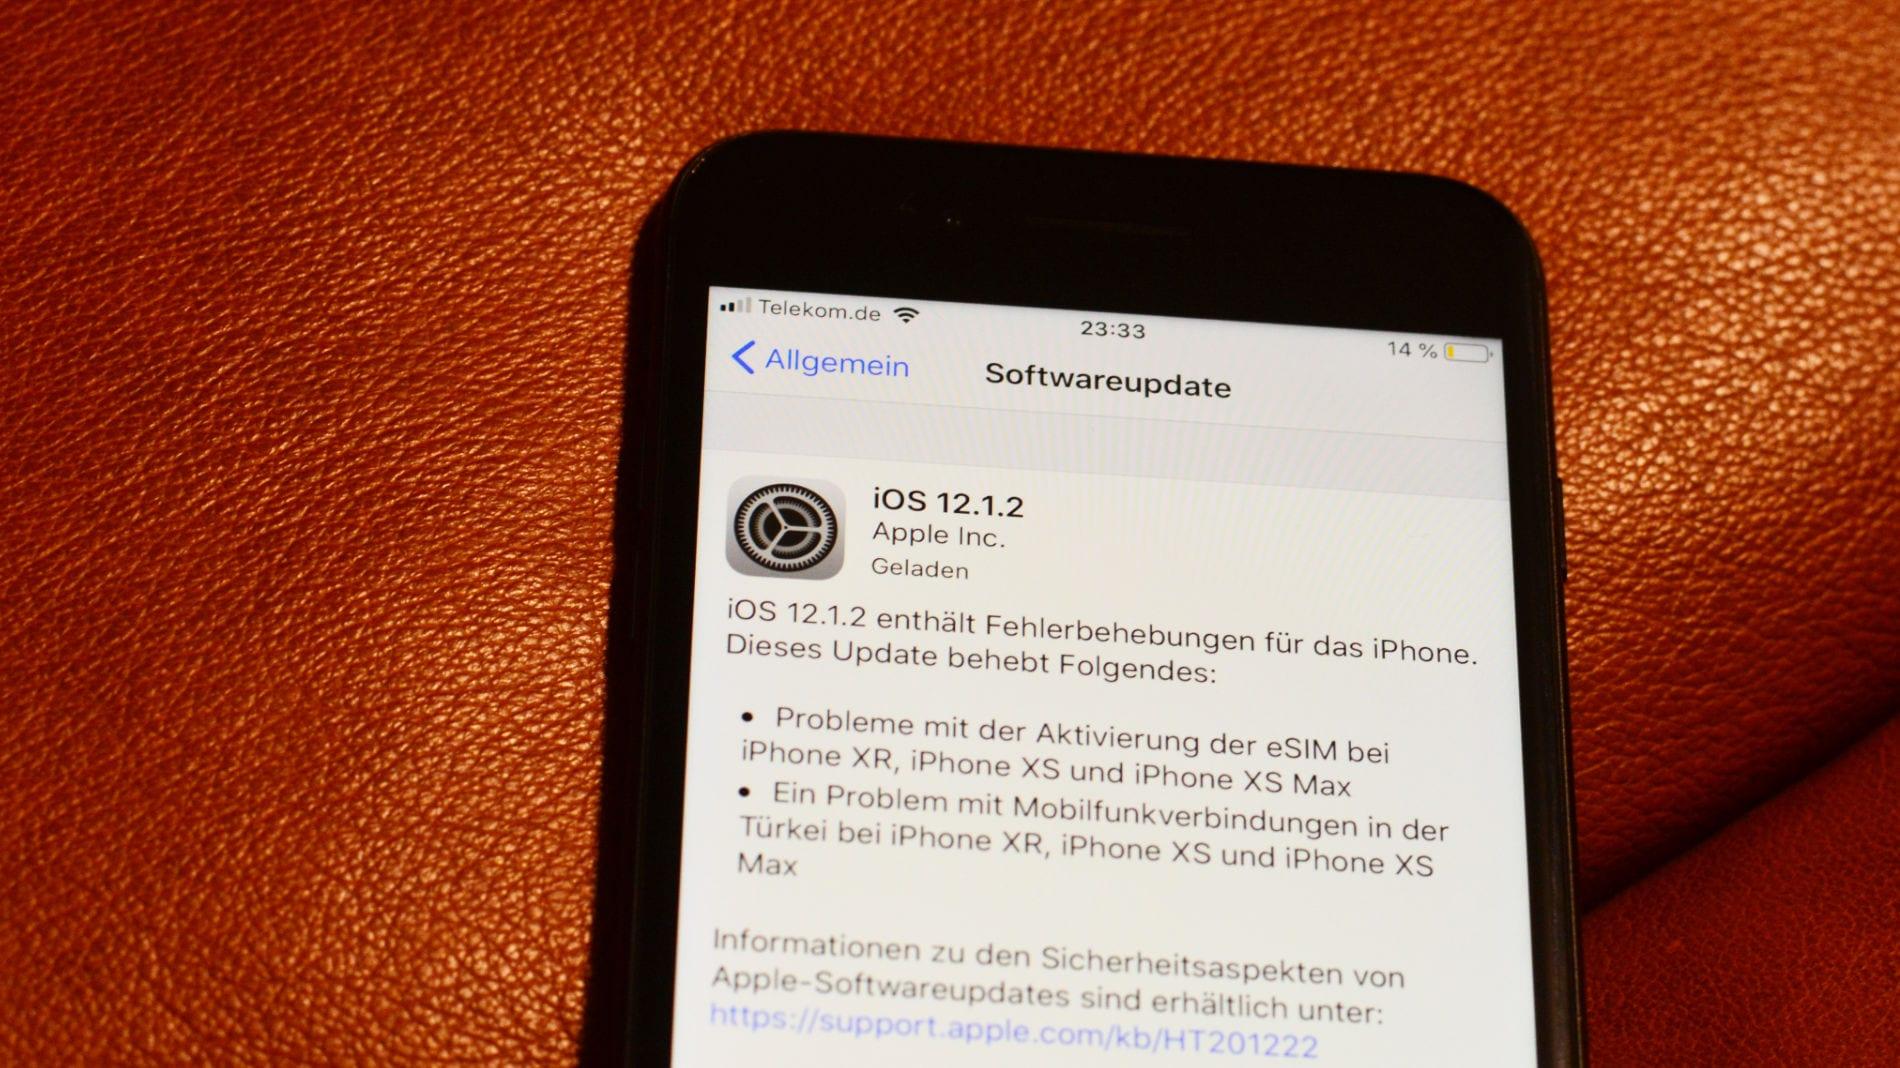 iOS 12.1.2 Update Probleme? Nein! So geht es!